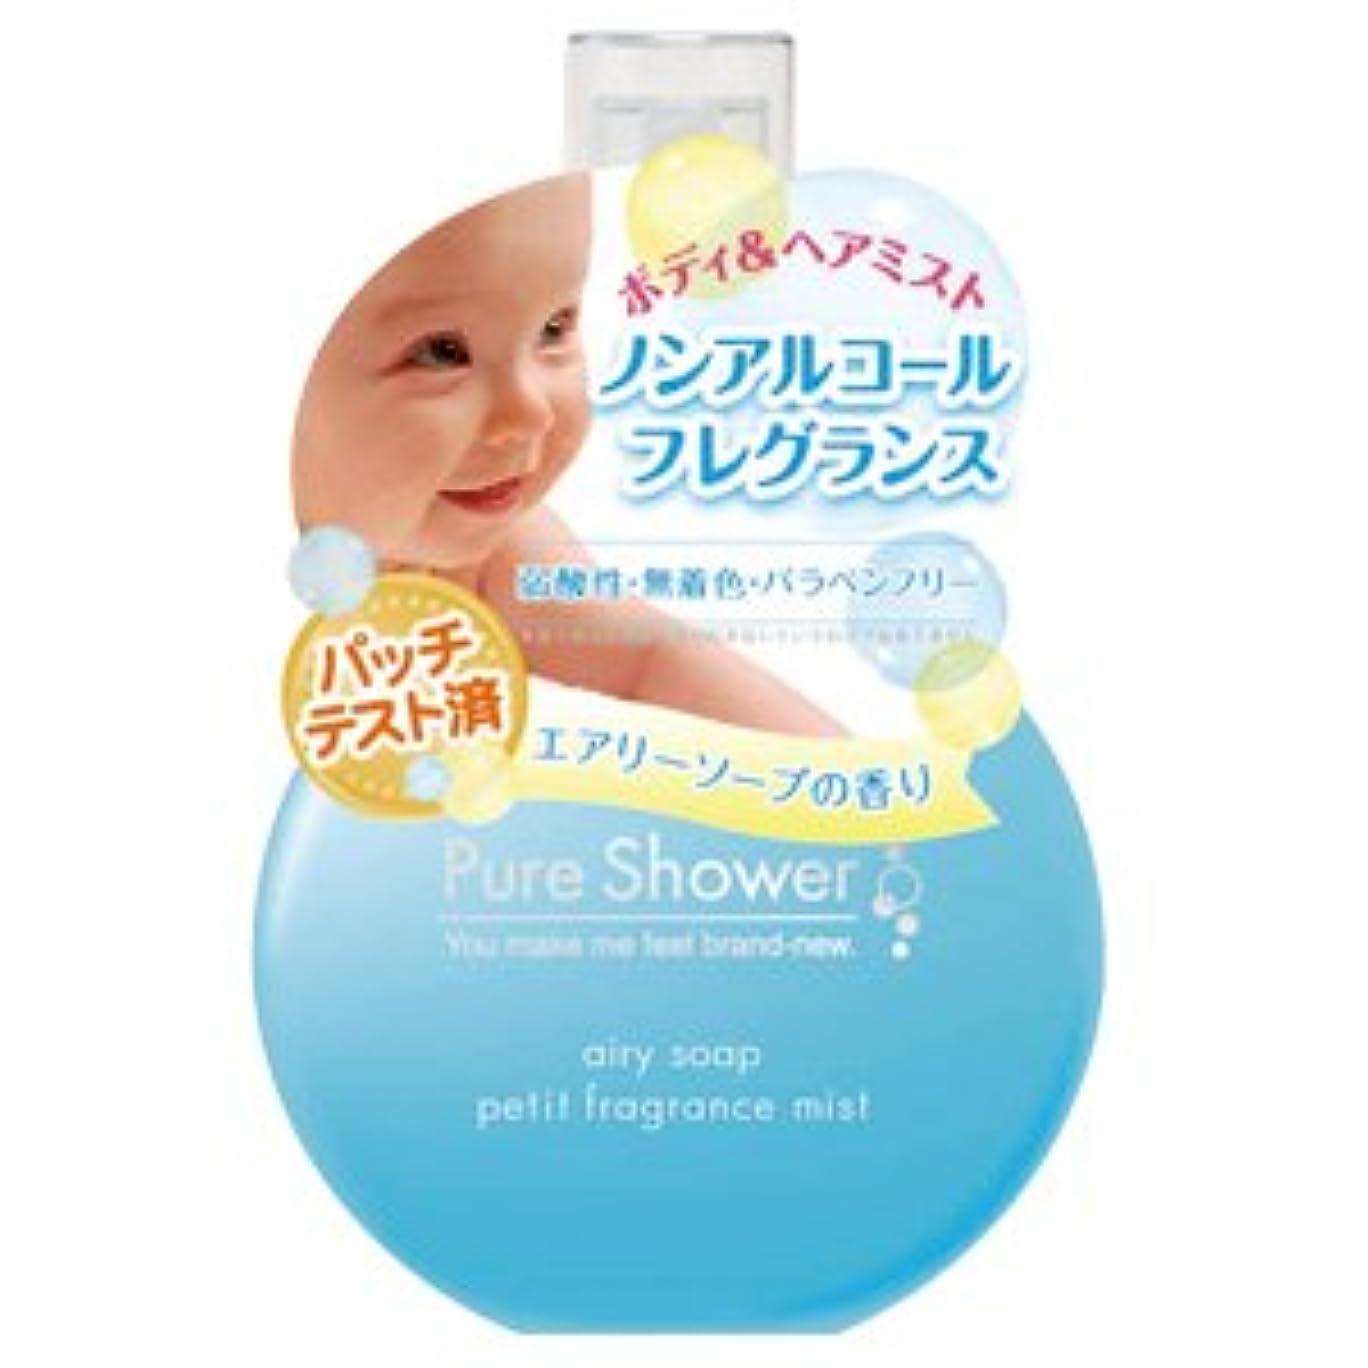 額試す従順ピュアシャワー Pure Shower ノンアルコール フレグランスミスト エアリーソープ 50ml